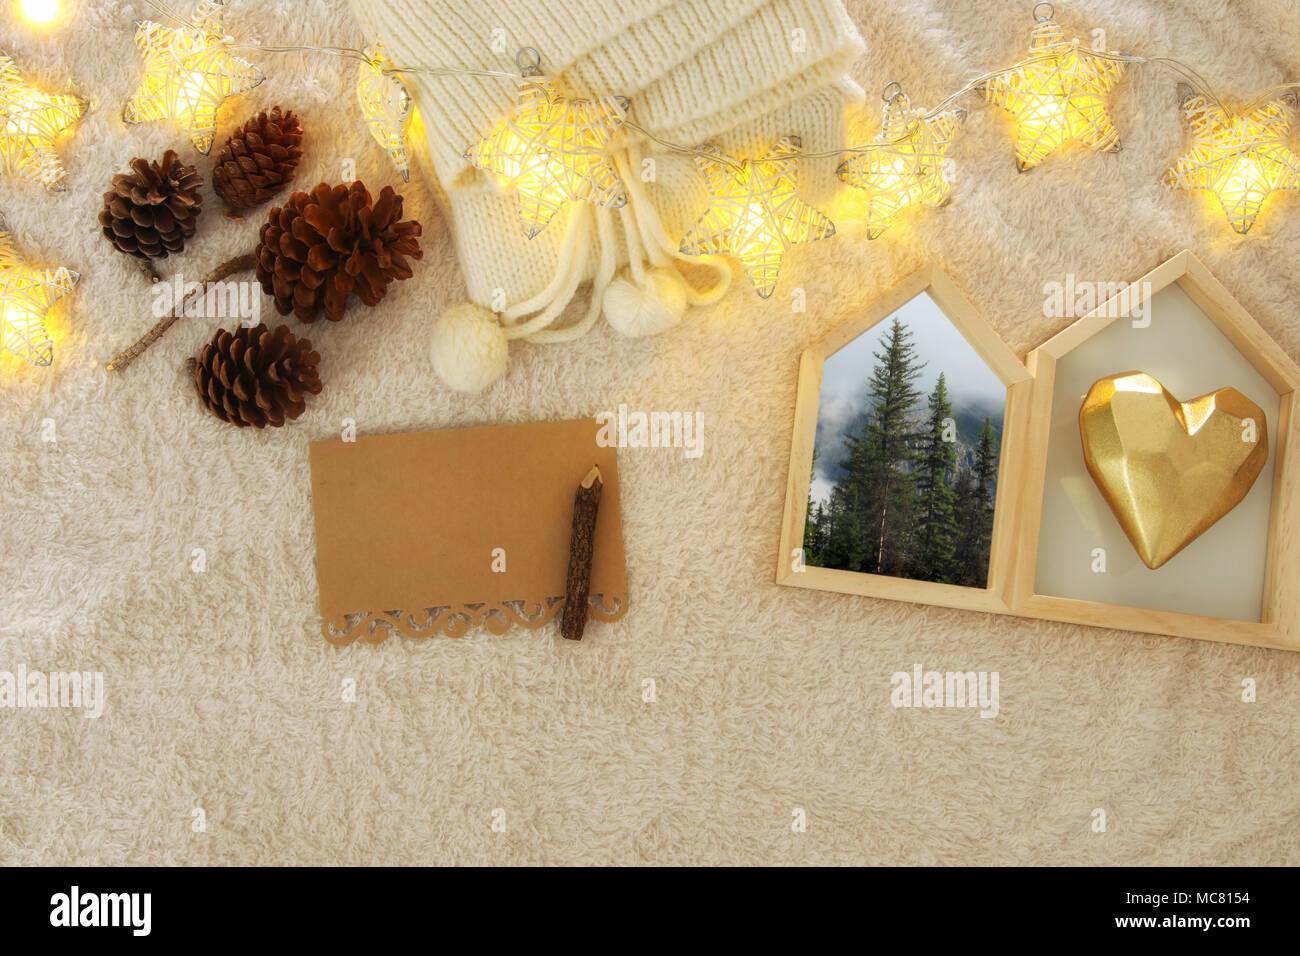 Ausgezeichnet Bilderrahmen Form Lieferanten Fotos ...